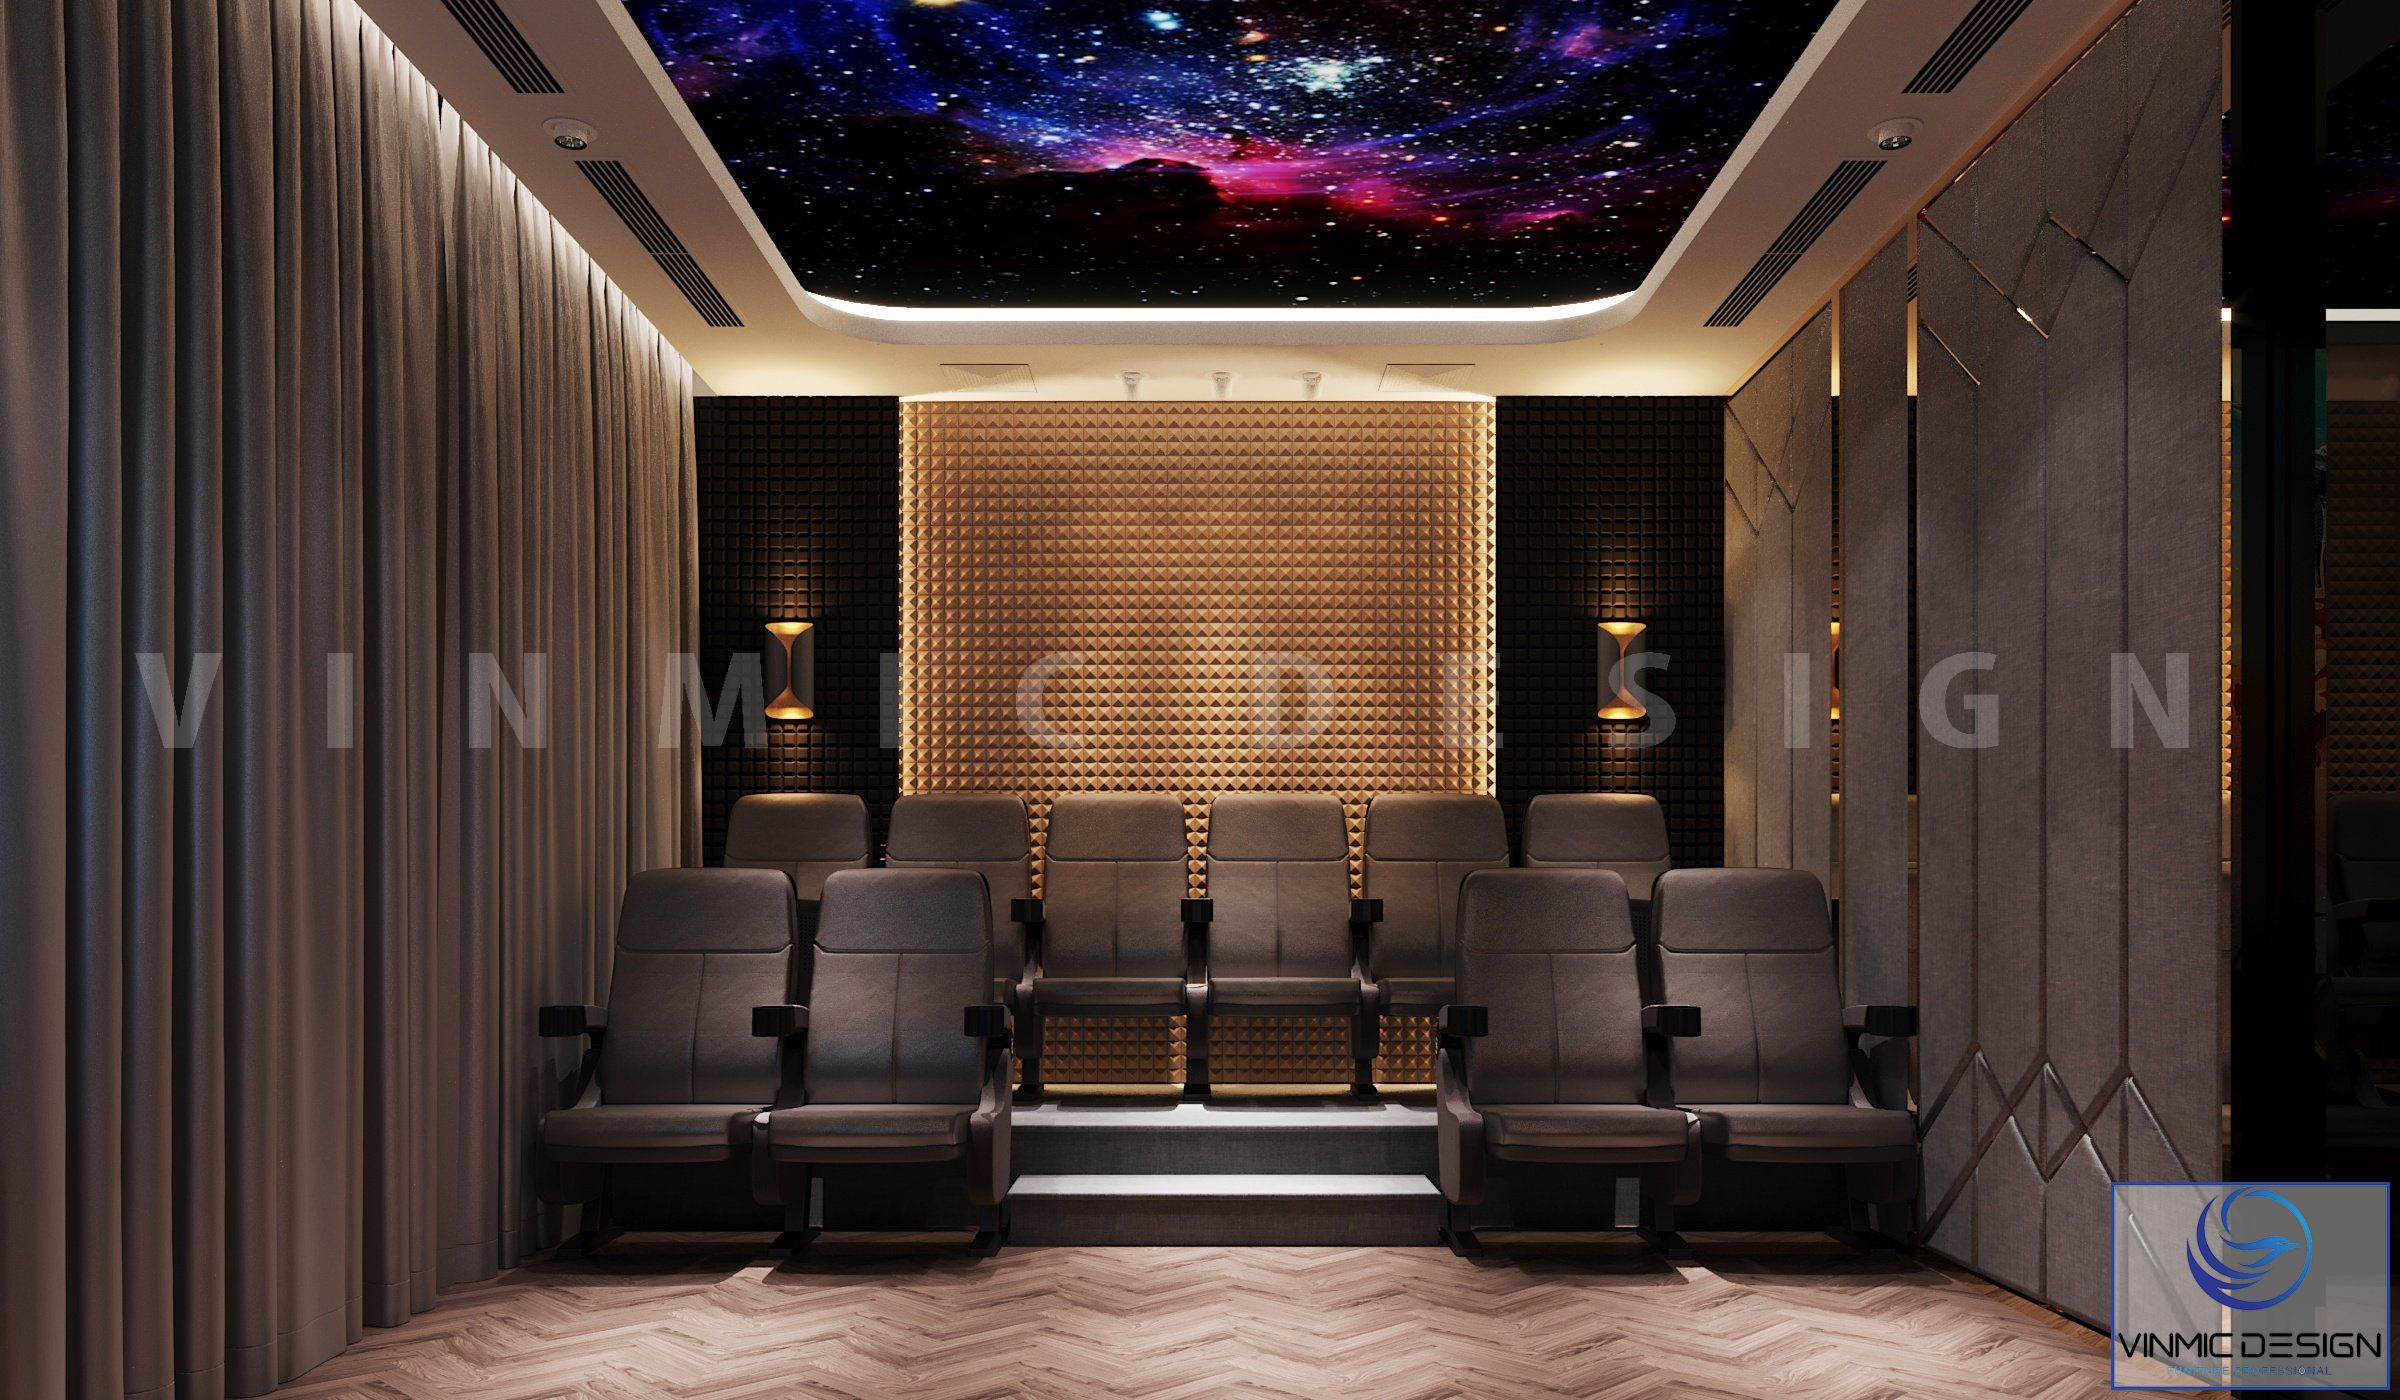 Nội thất Vinhomes Imperia Hải Phòng với phòng chiếu phim có đồ nội thất sang trọng